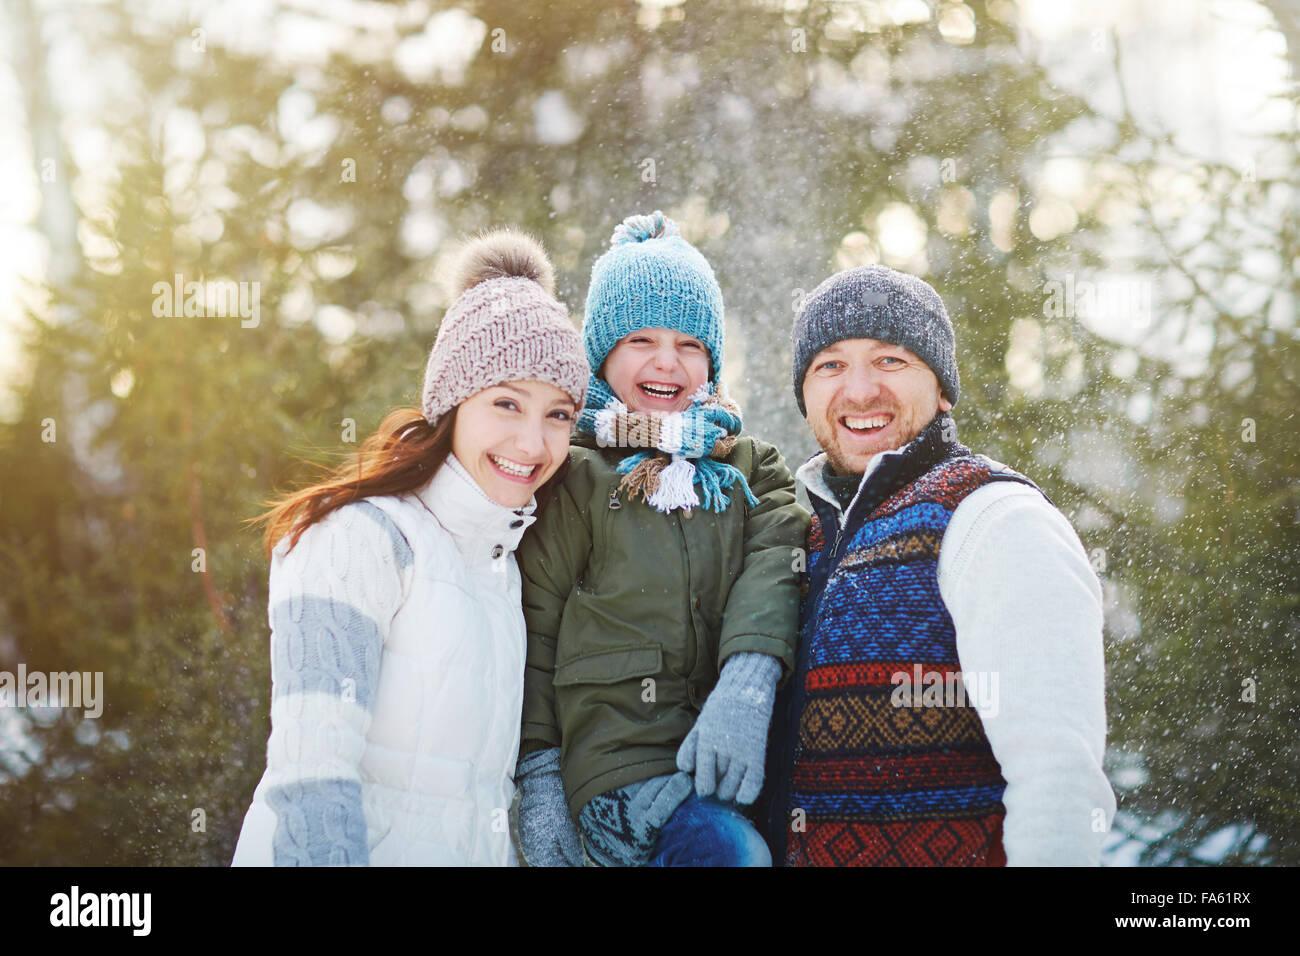 Famiglia estatica godendo di volta in winter park Immagini Stock